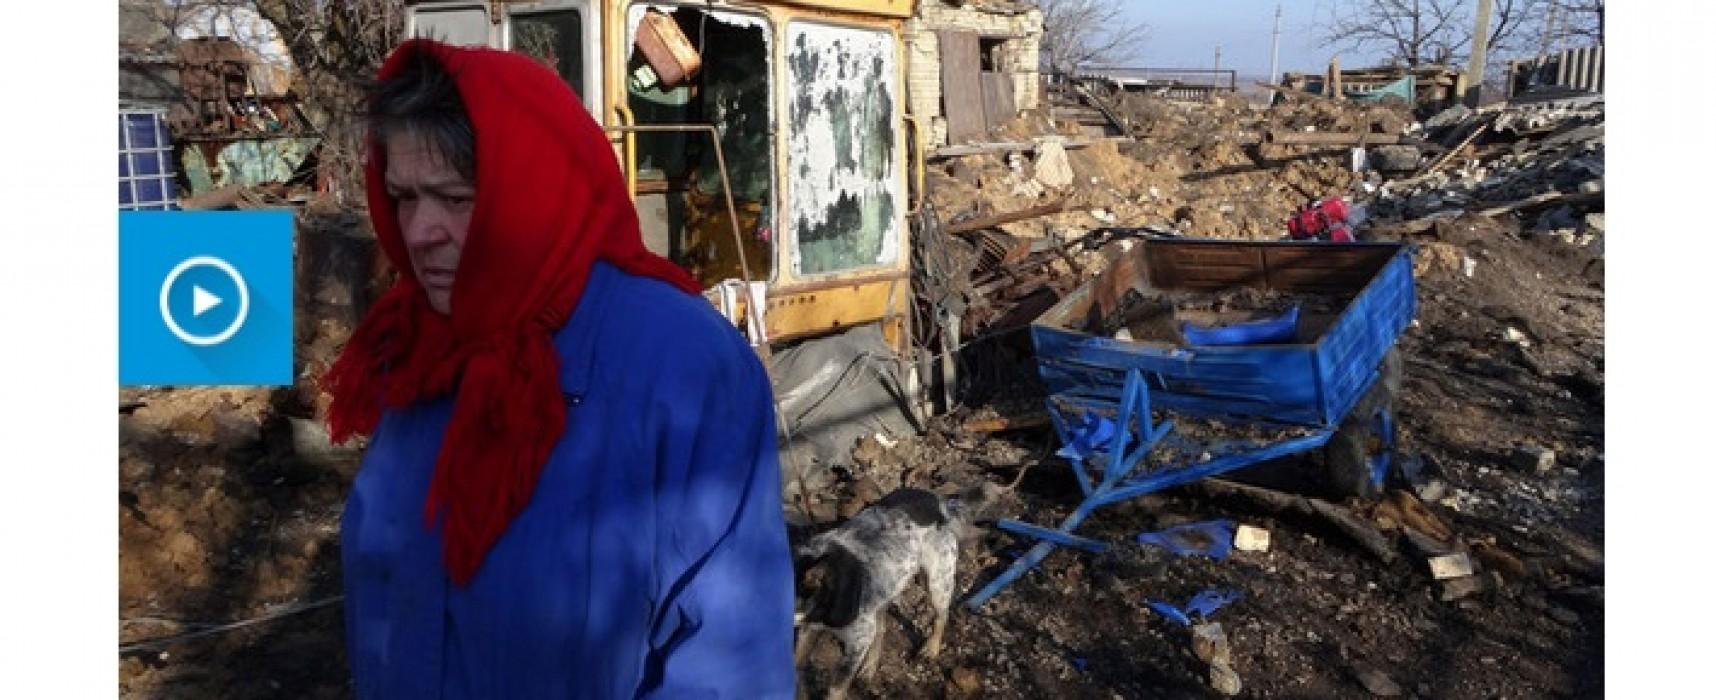 Фейк: Украина отказалась соблюдать права человека на юго-востоке страны